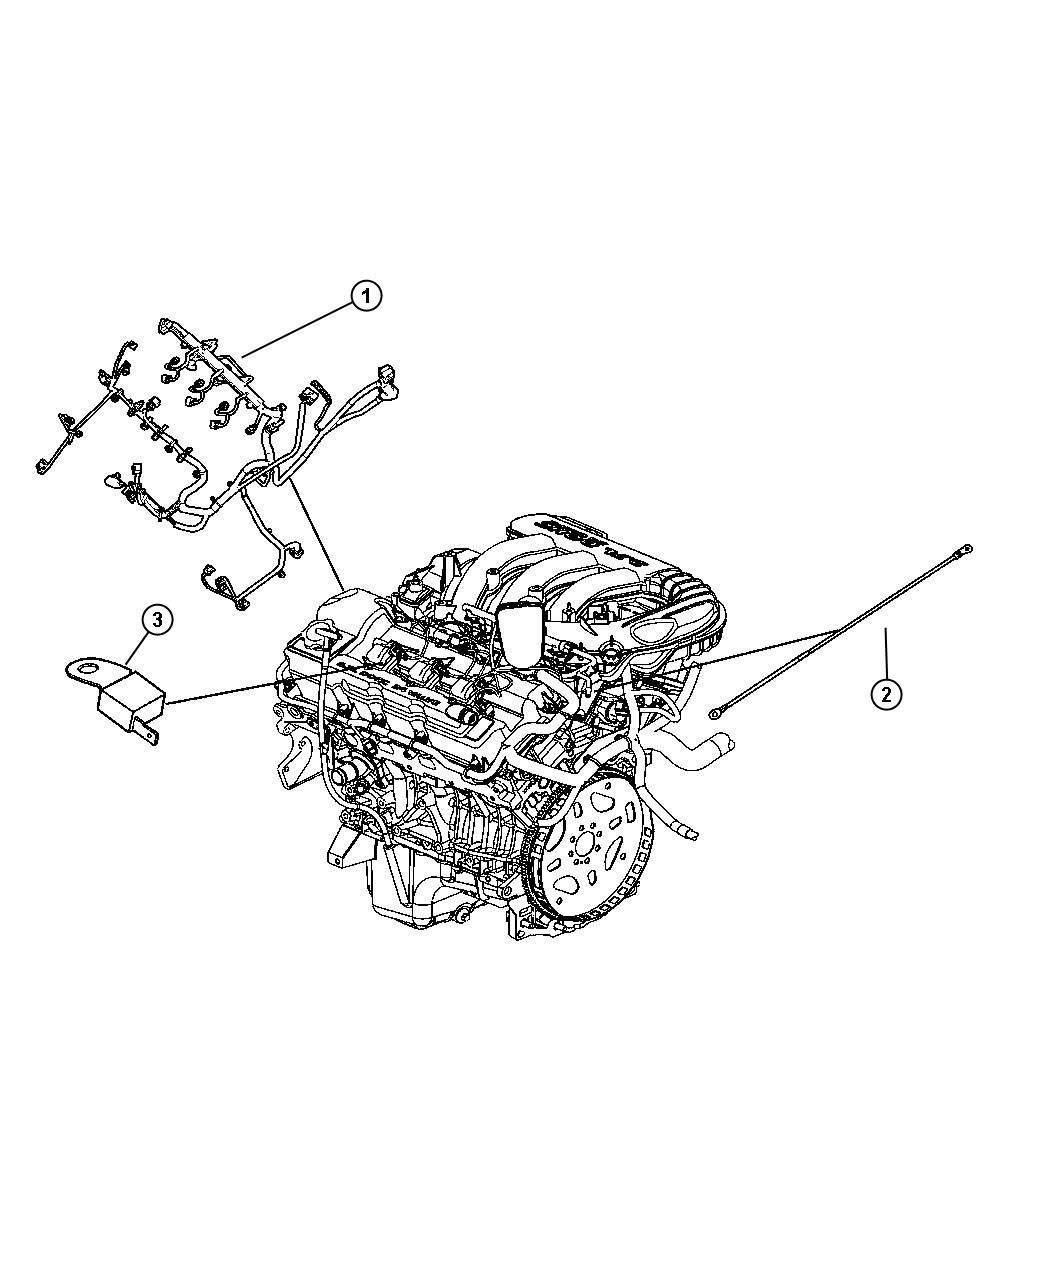 Dodge Charger Wiring Engine Powertrain Mopar Gas